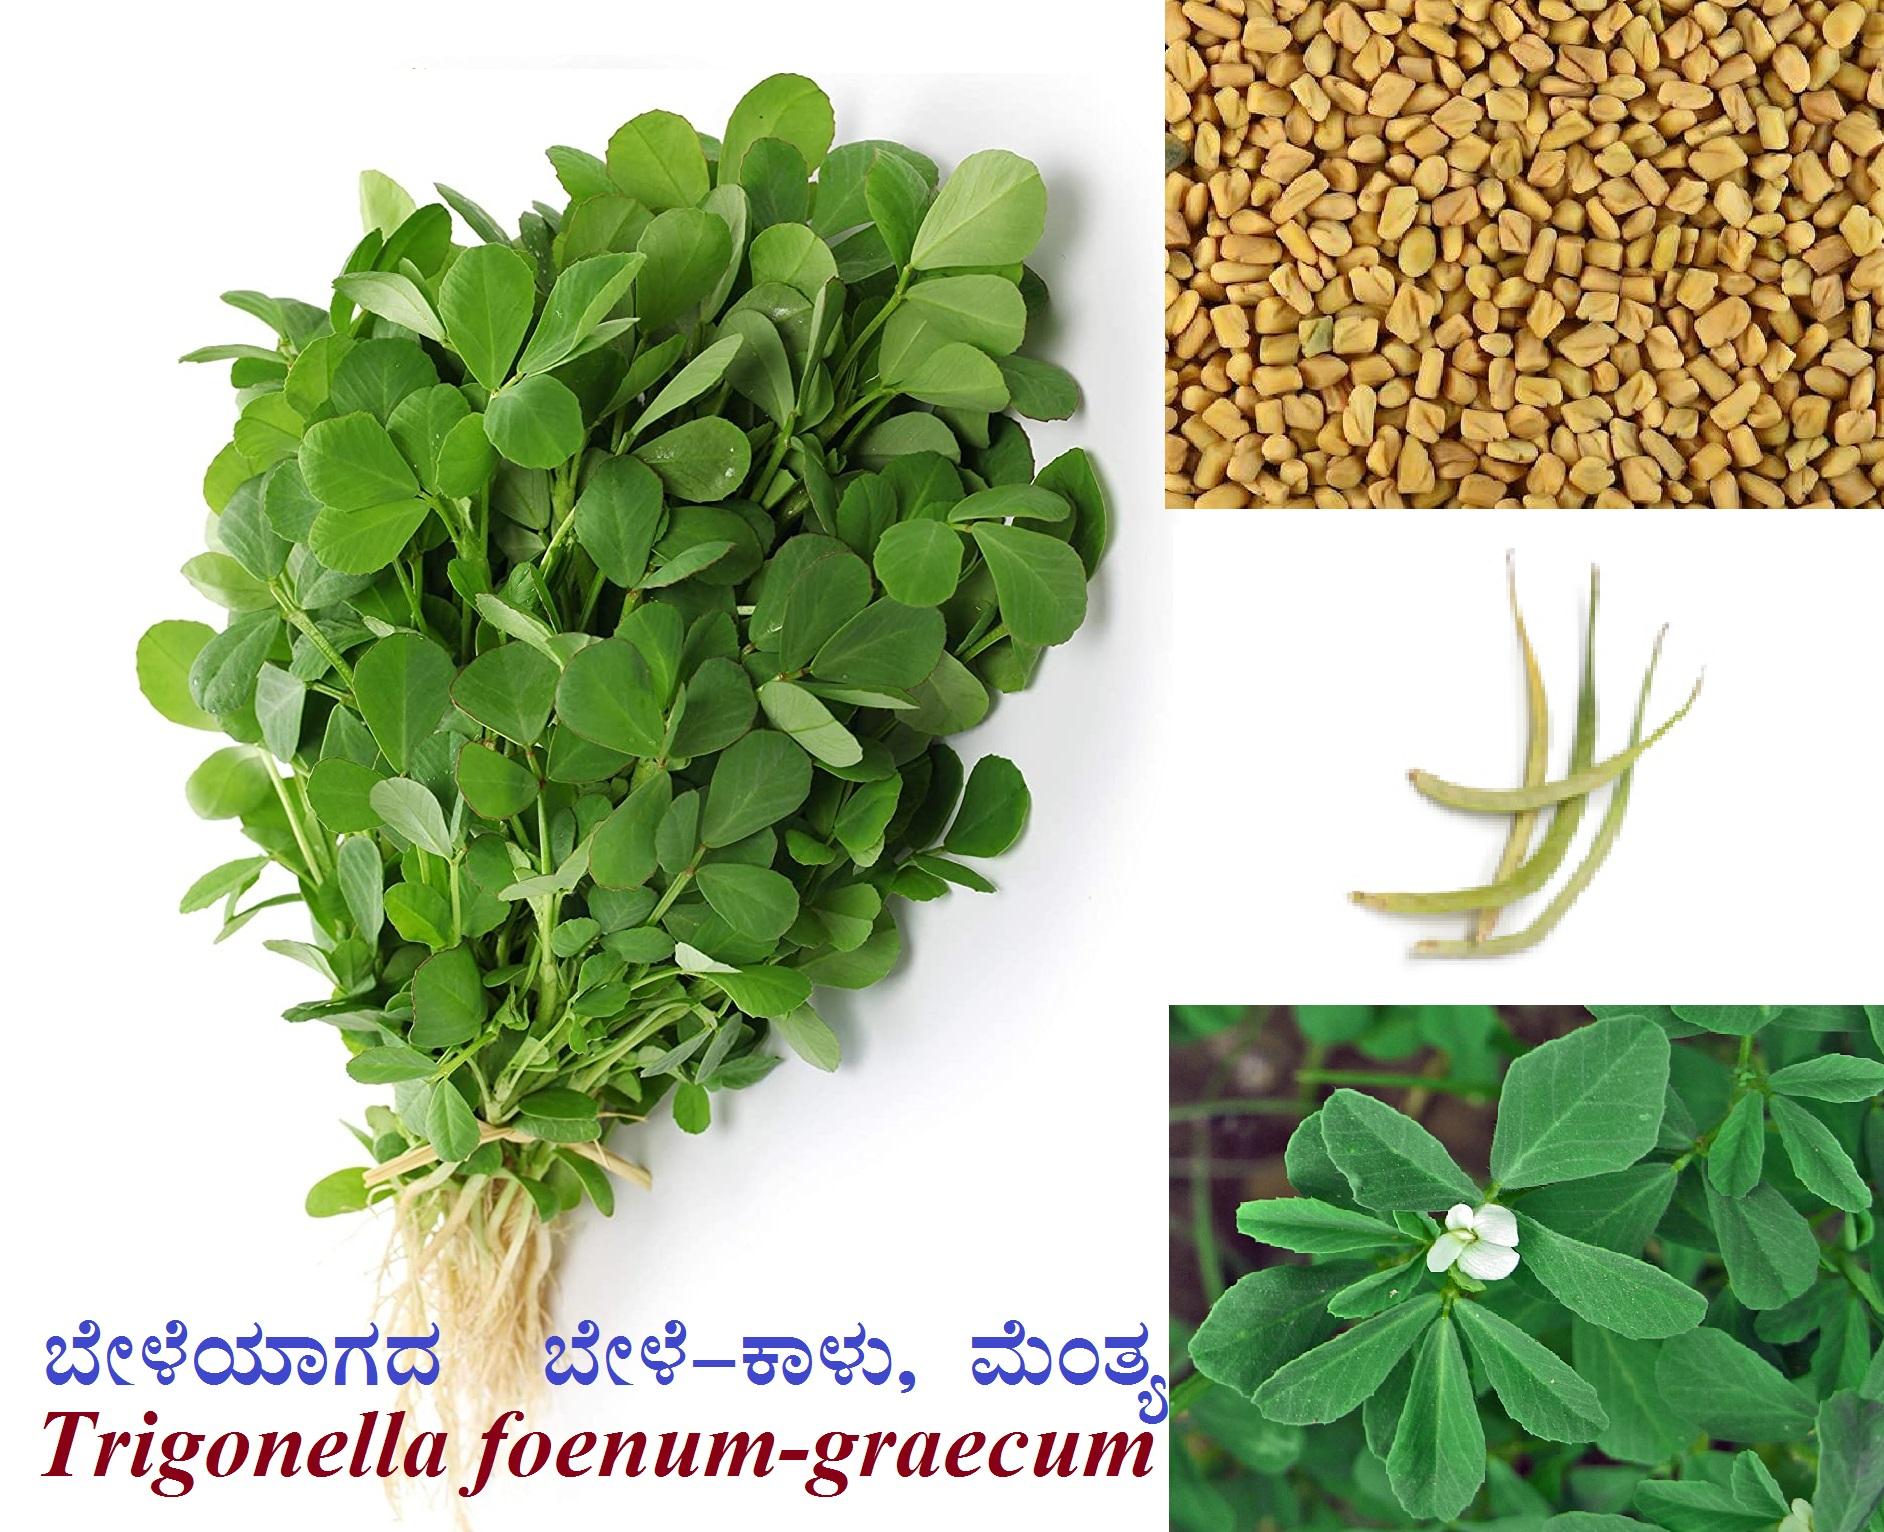 ಬೇಳೆಯಾಗದ ಬೇಳೆ-ಕಾಳು, ಮೆಂತ್ಯ : Trigonella foenum-graecum